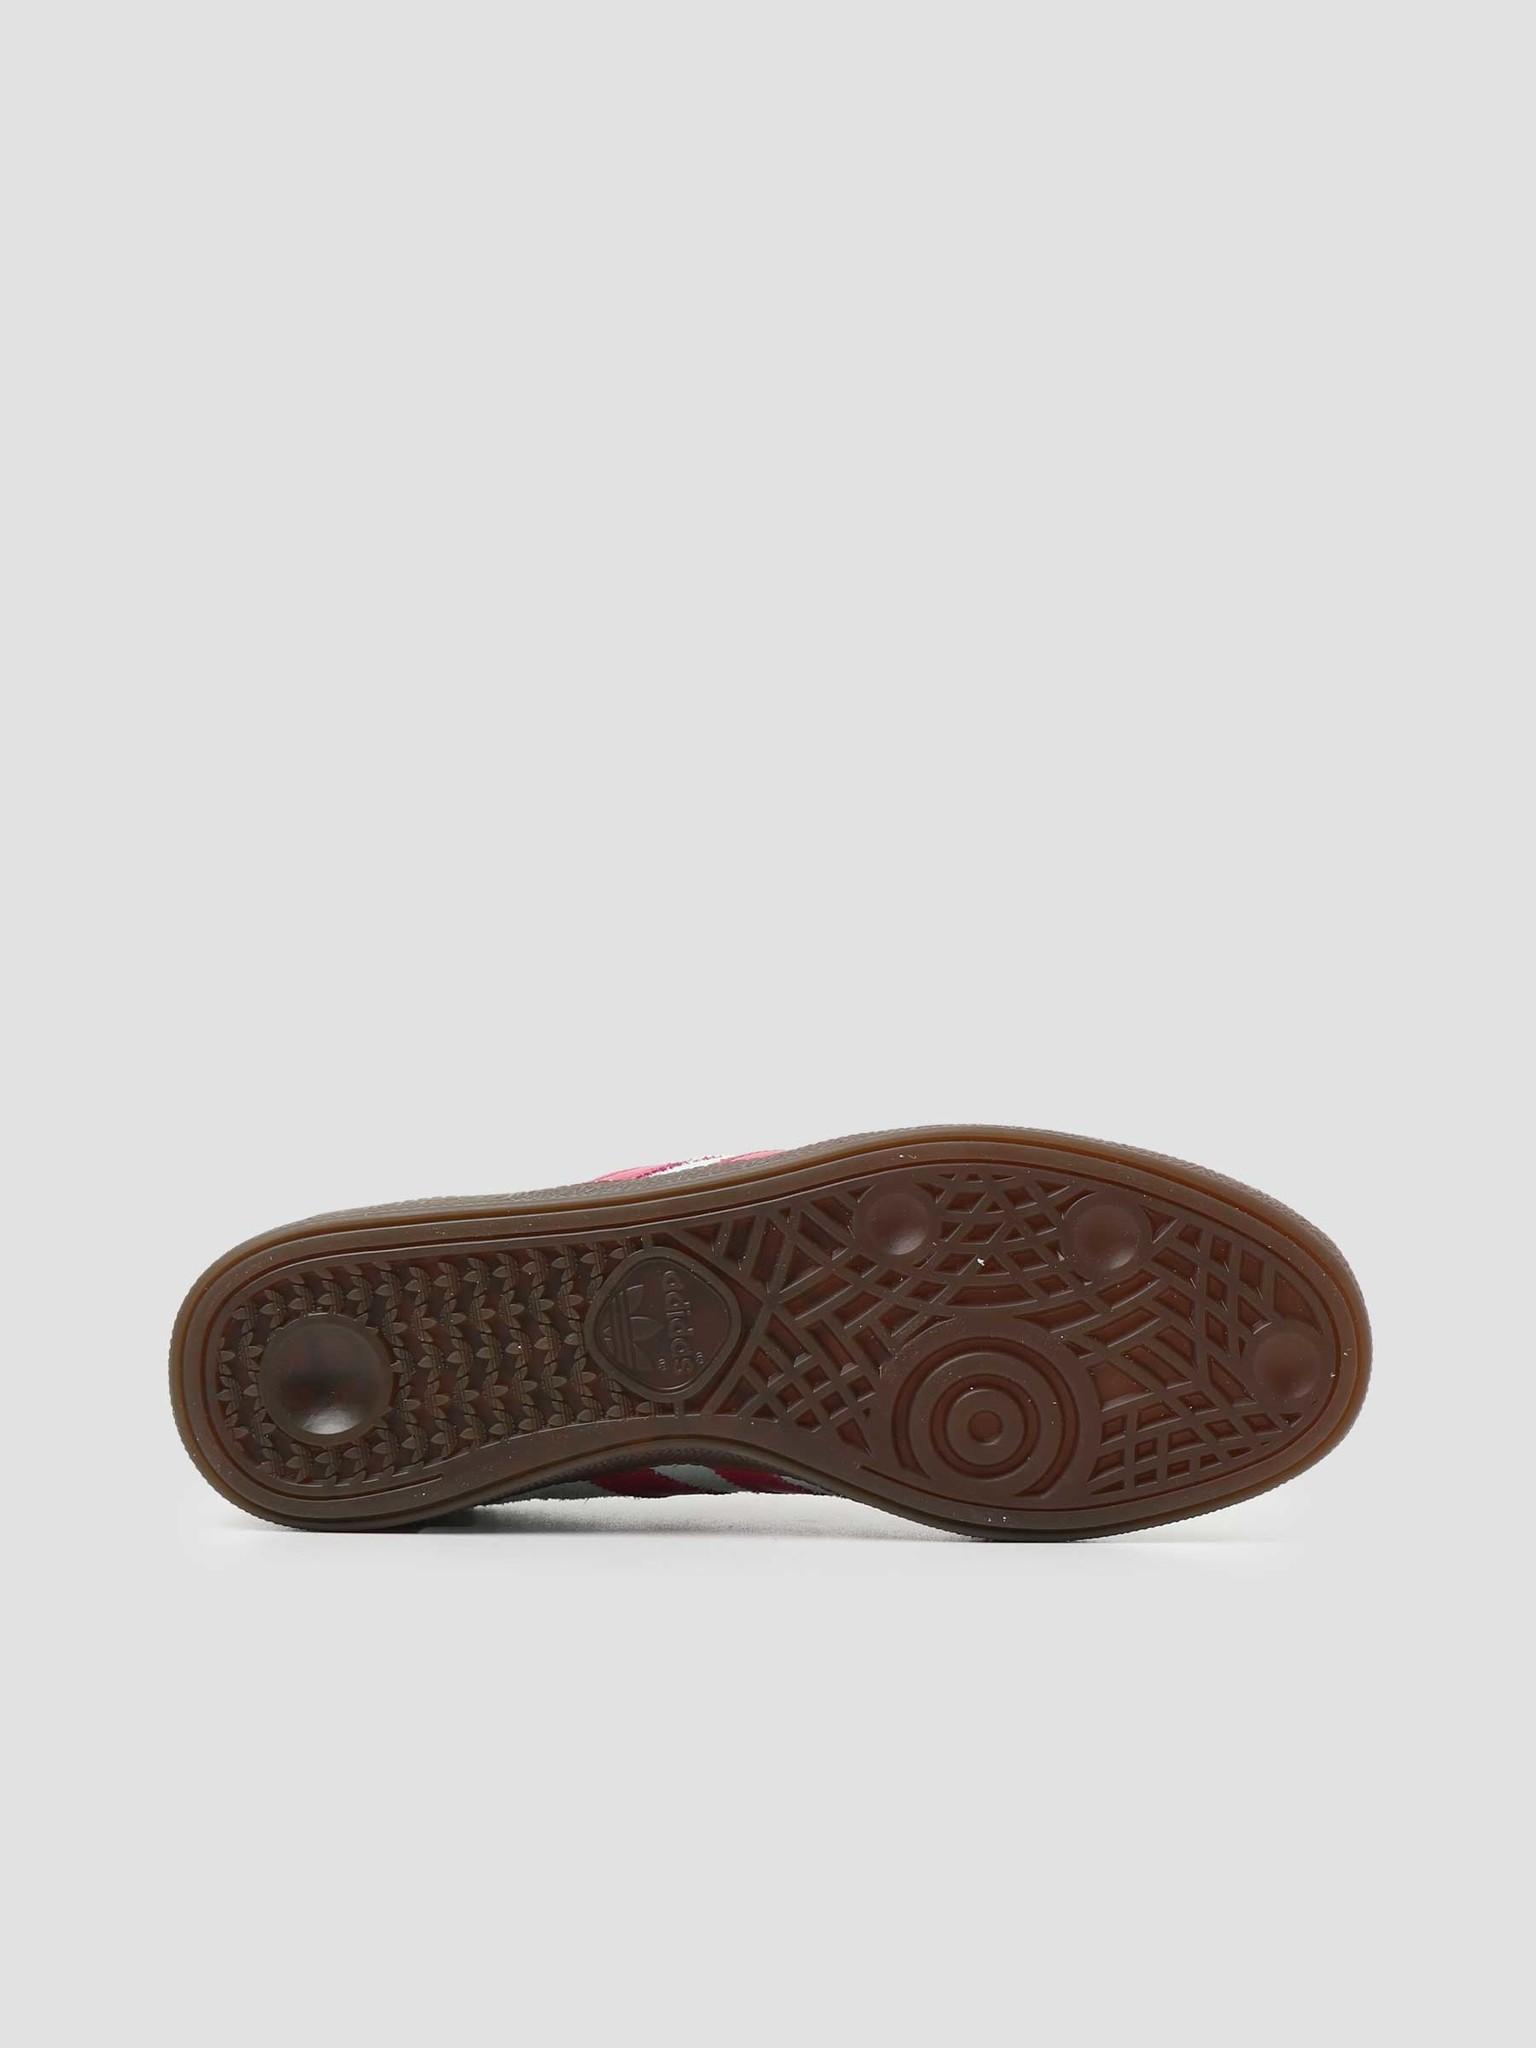 adidas adidas Munchen Haze Green Pink FX5634